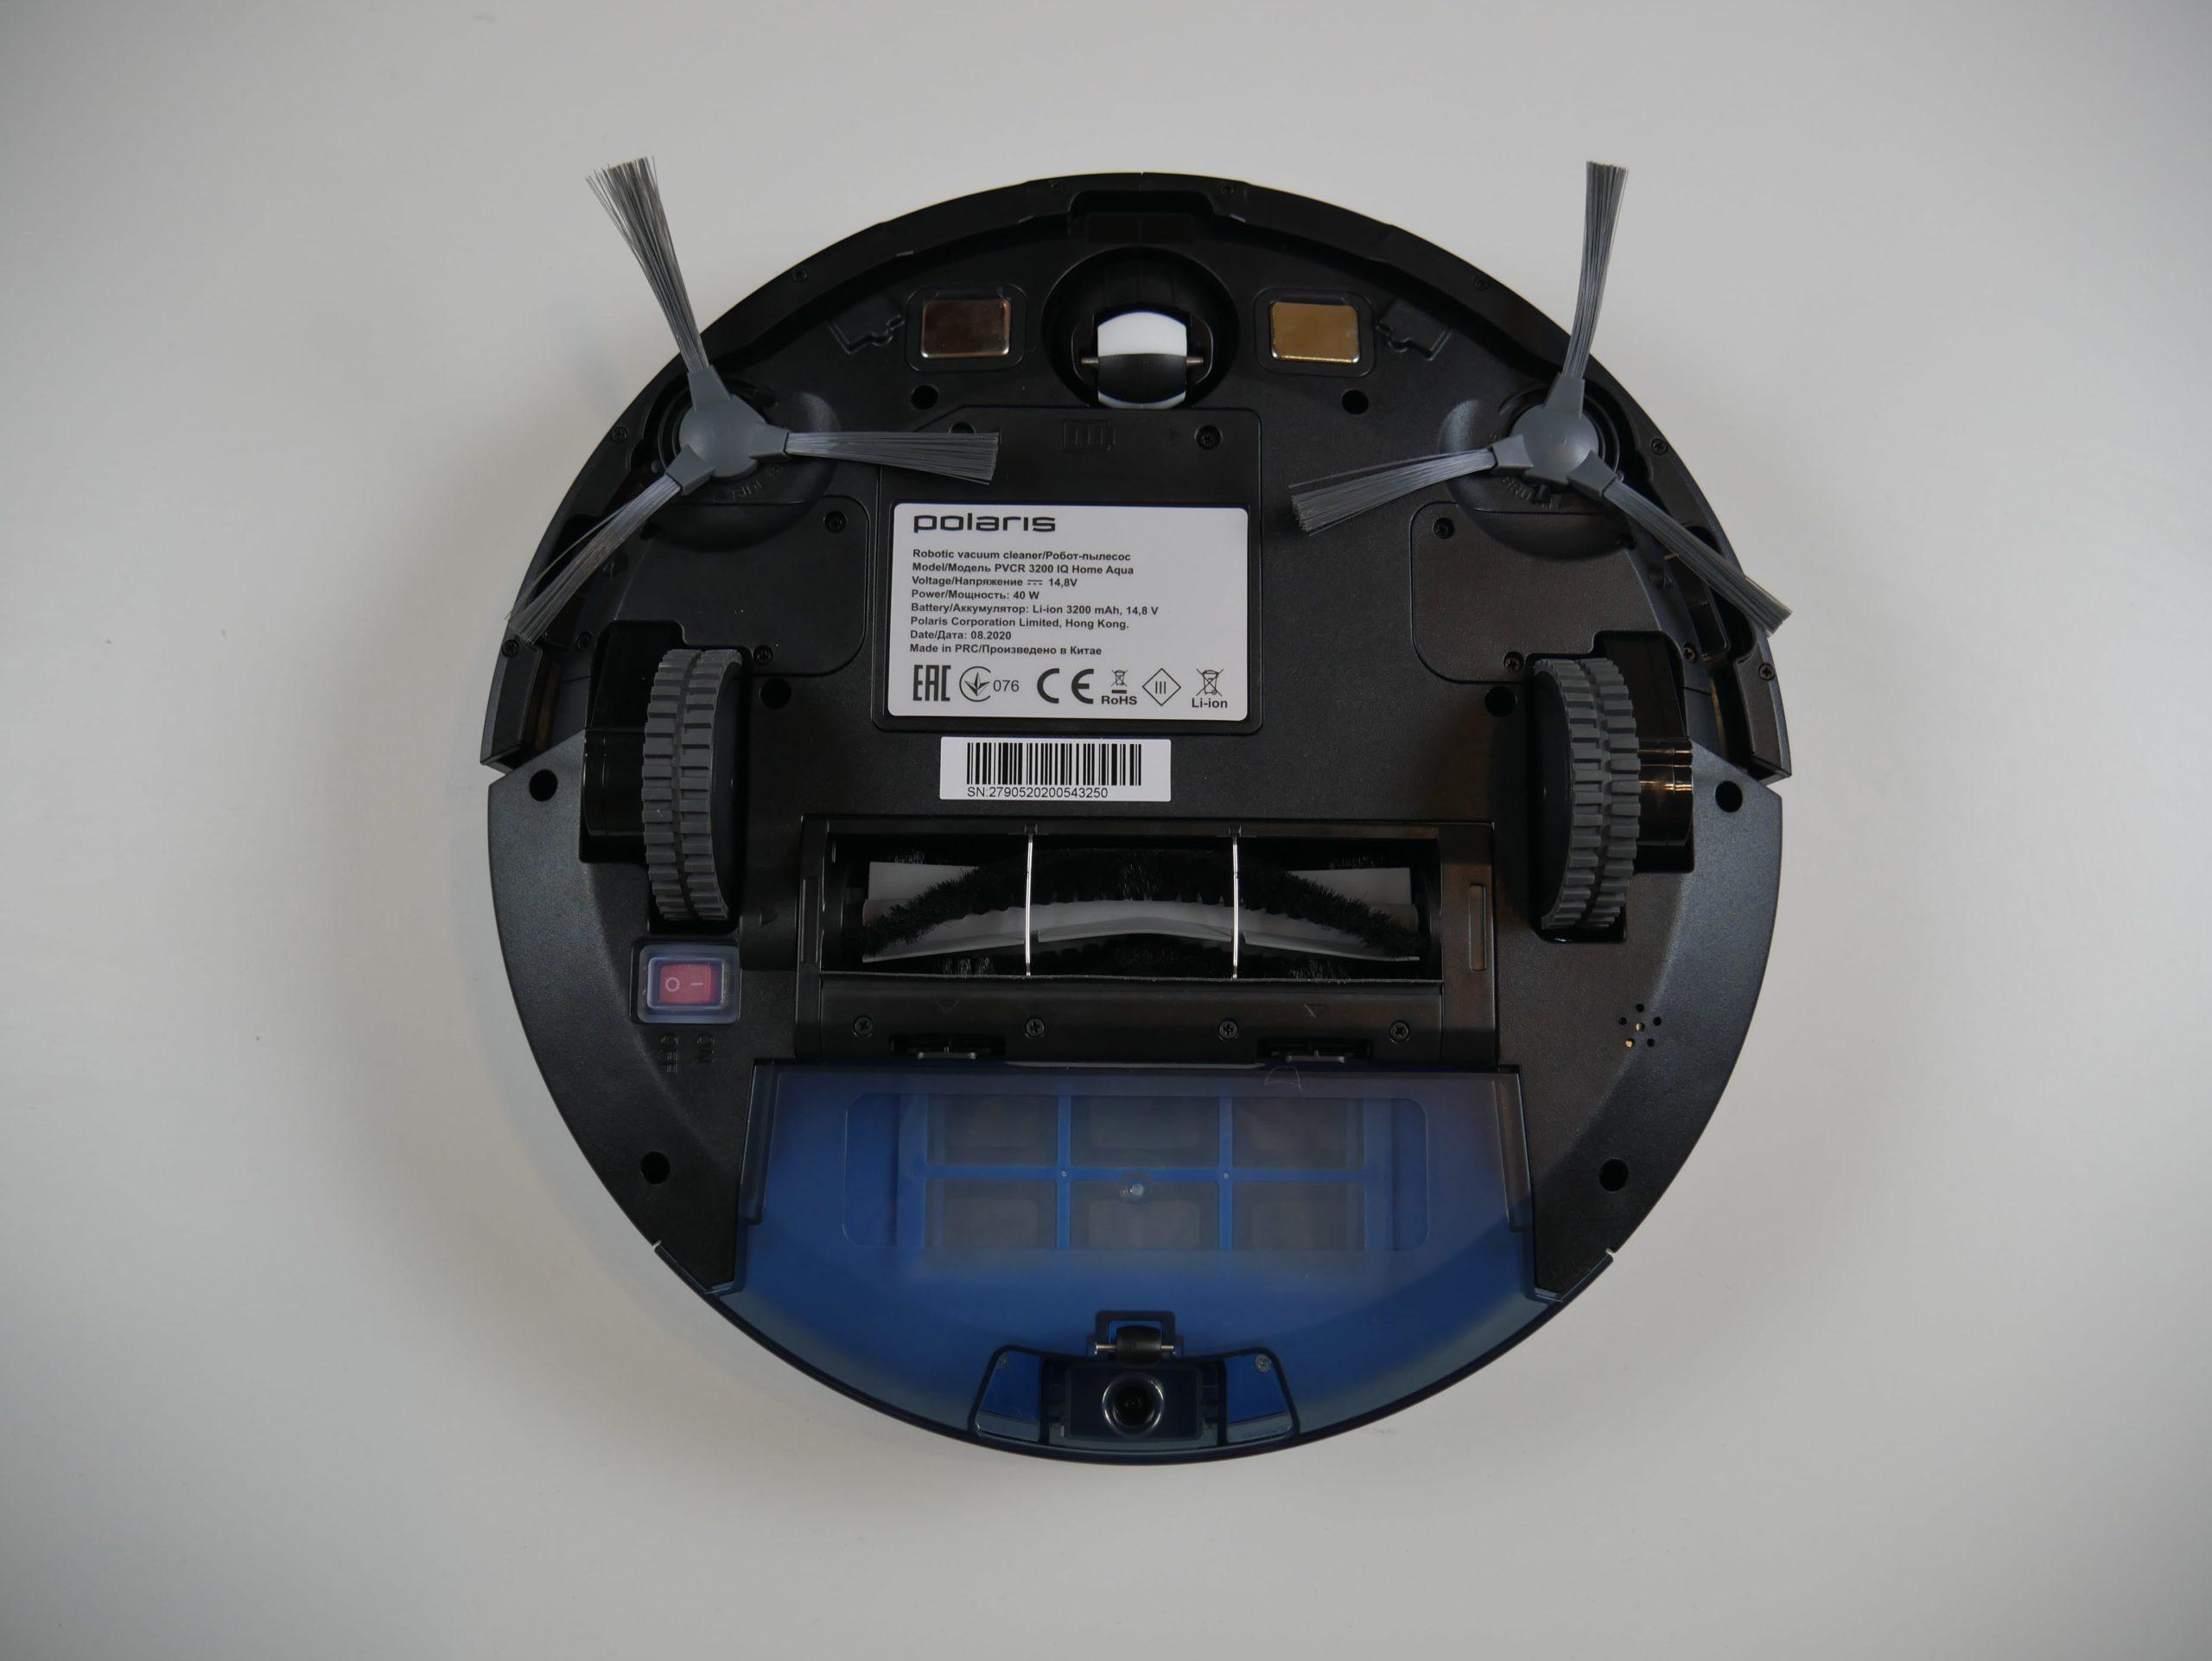 Polaris PVCR 3200 IQ Home Aqua вид снизу